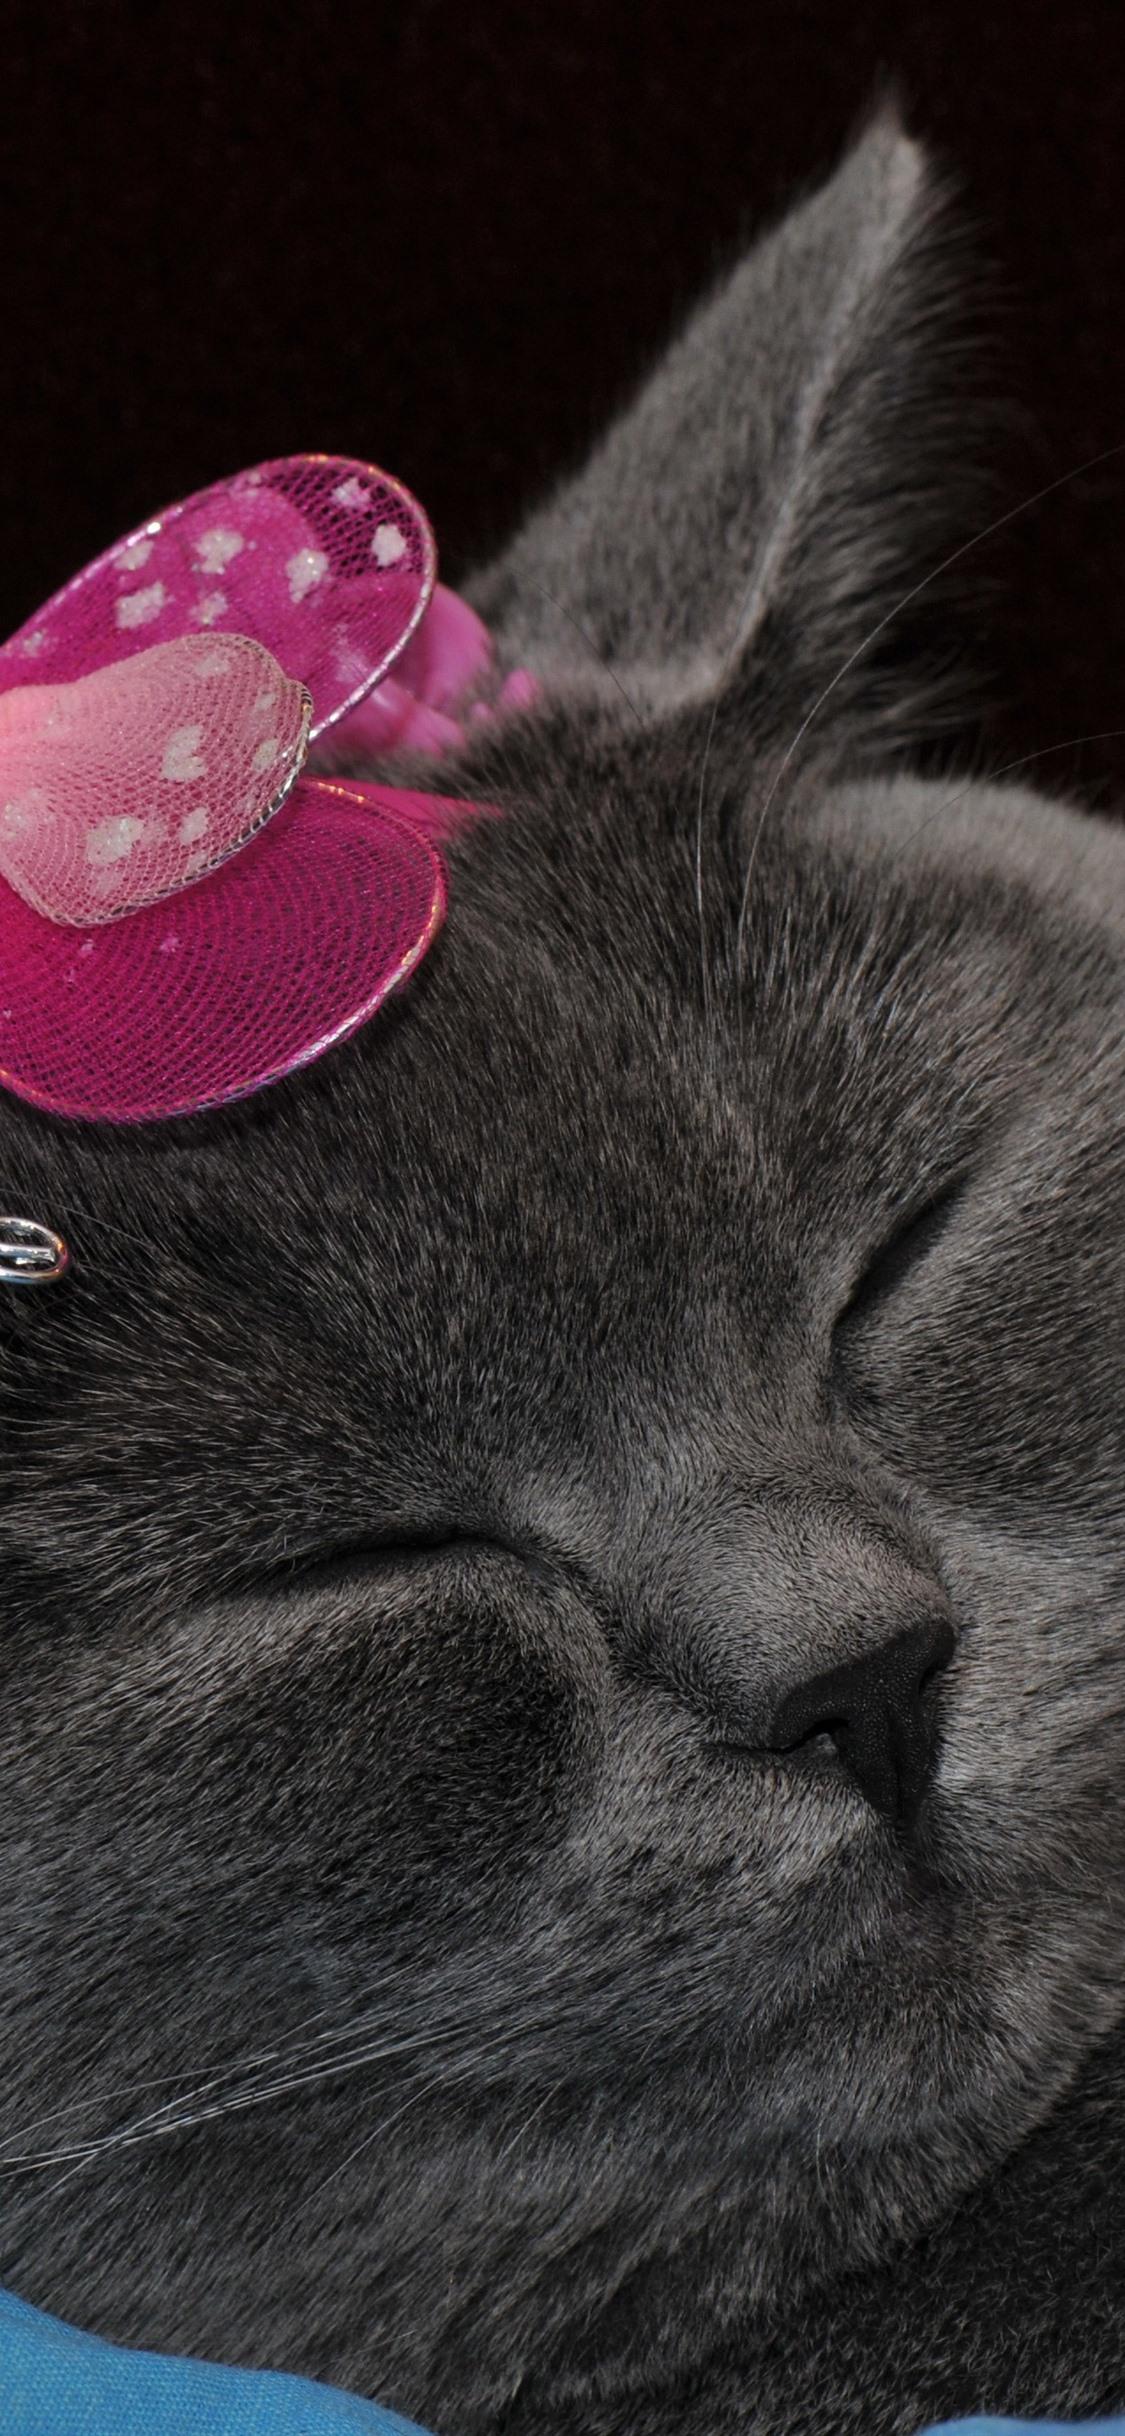 壁紙 面白い灰色猫 蝶飾り 3840x2160 Uhd 4k 無料のデスクトップの背景 画像